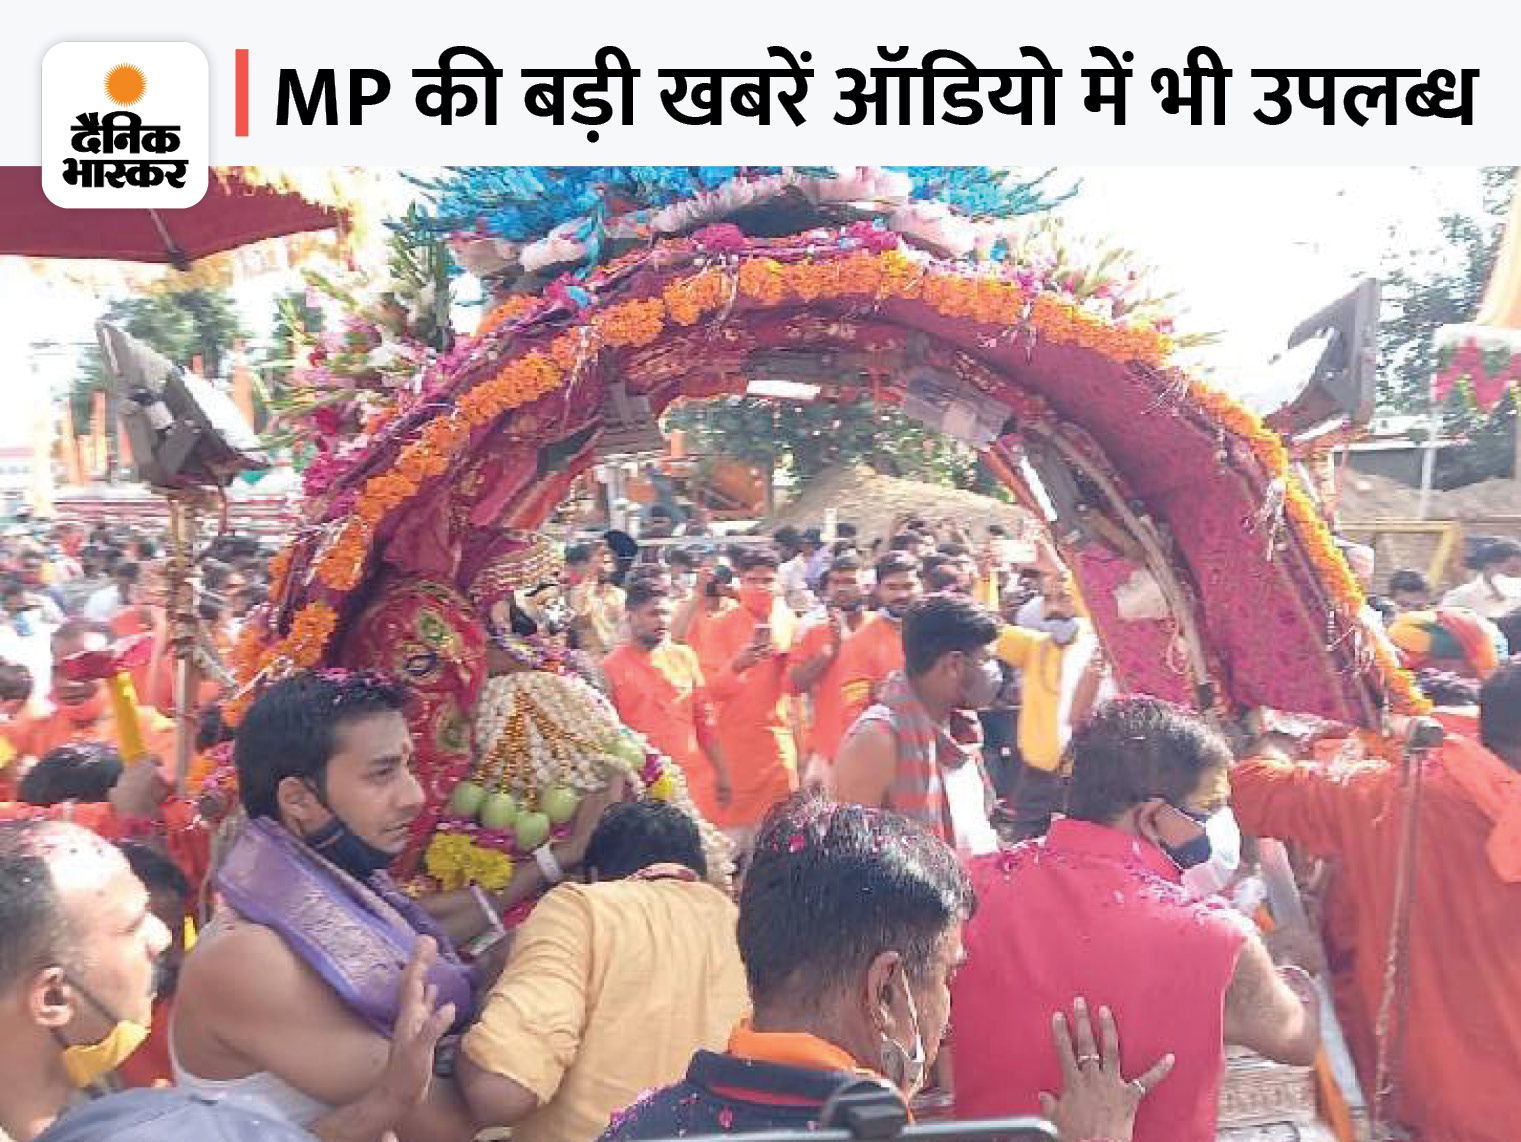 महाकाल की आखिरी शाही सवारी, ग्वालियर में ट्रिपल मर्डर, देवास में पबजी खेलते समय छात्र की मौत, कांग्रेस की अधिकार यात्रा को BJP ने बताया धोखा यात्रा|मध्य प्रदेश,Madhya Pradesh - Dainik Bhaskar